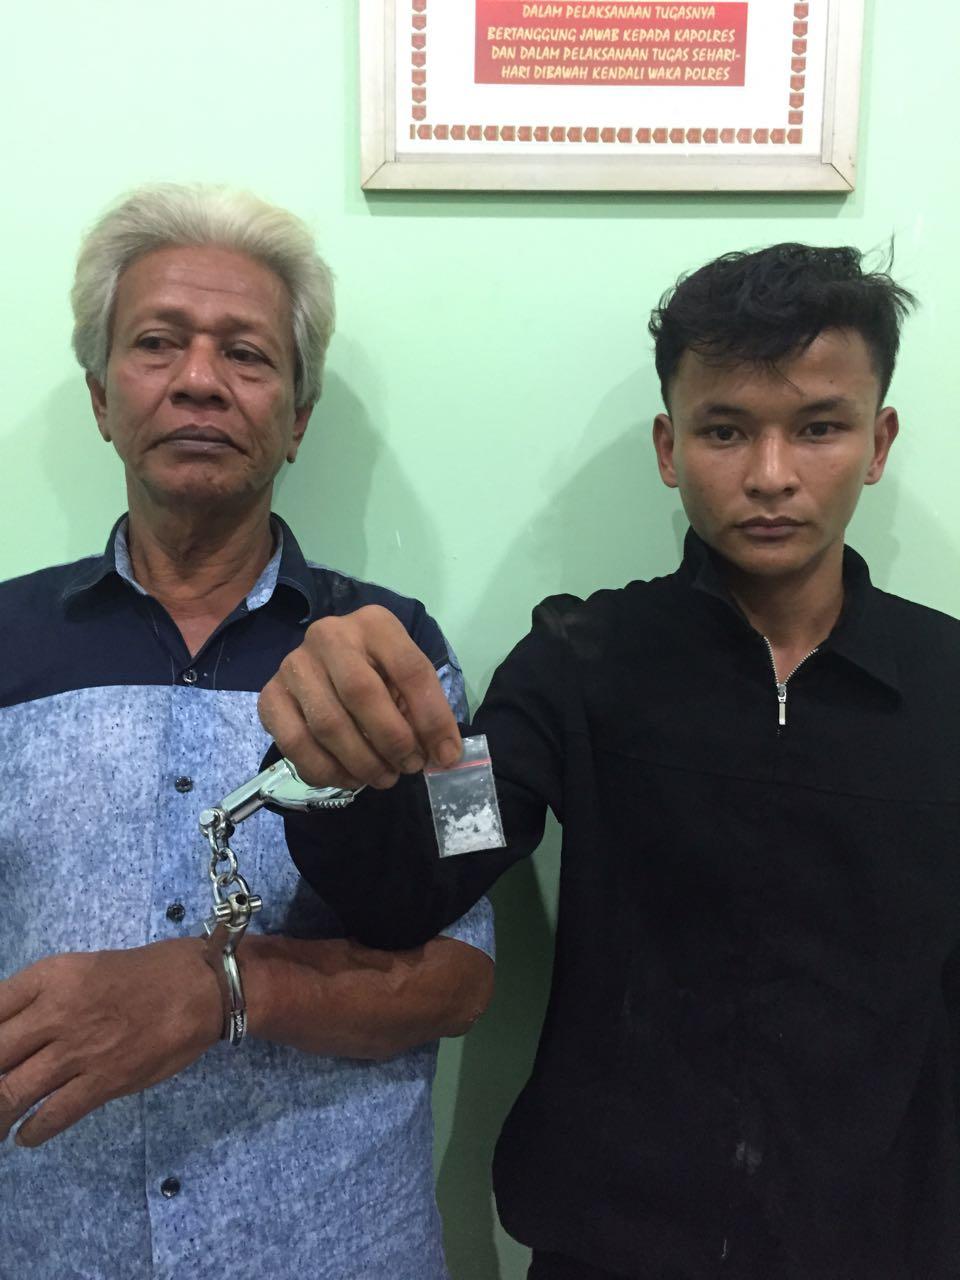 Amri dan Teguh kedua tersangka penjual sabu yang diringkus polisi.